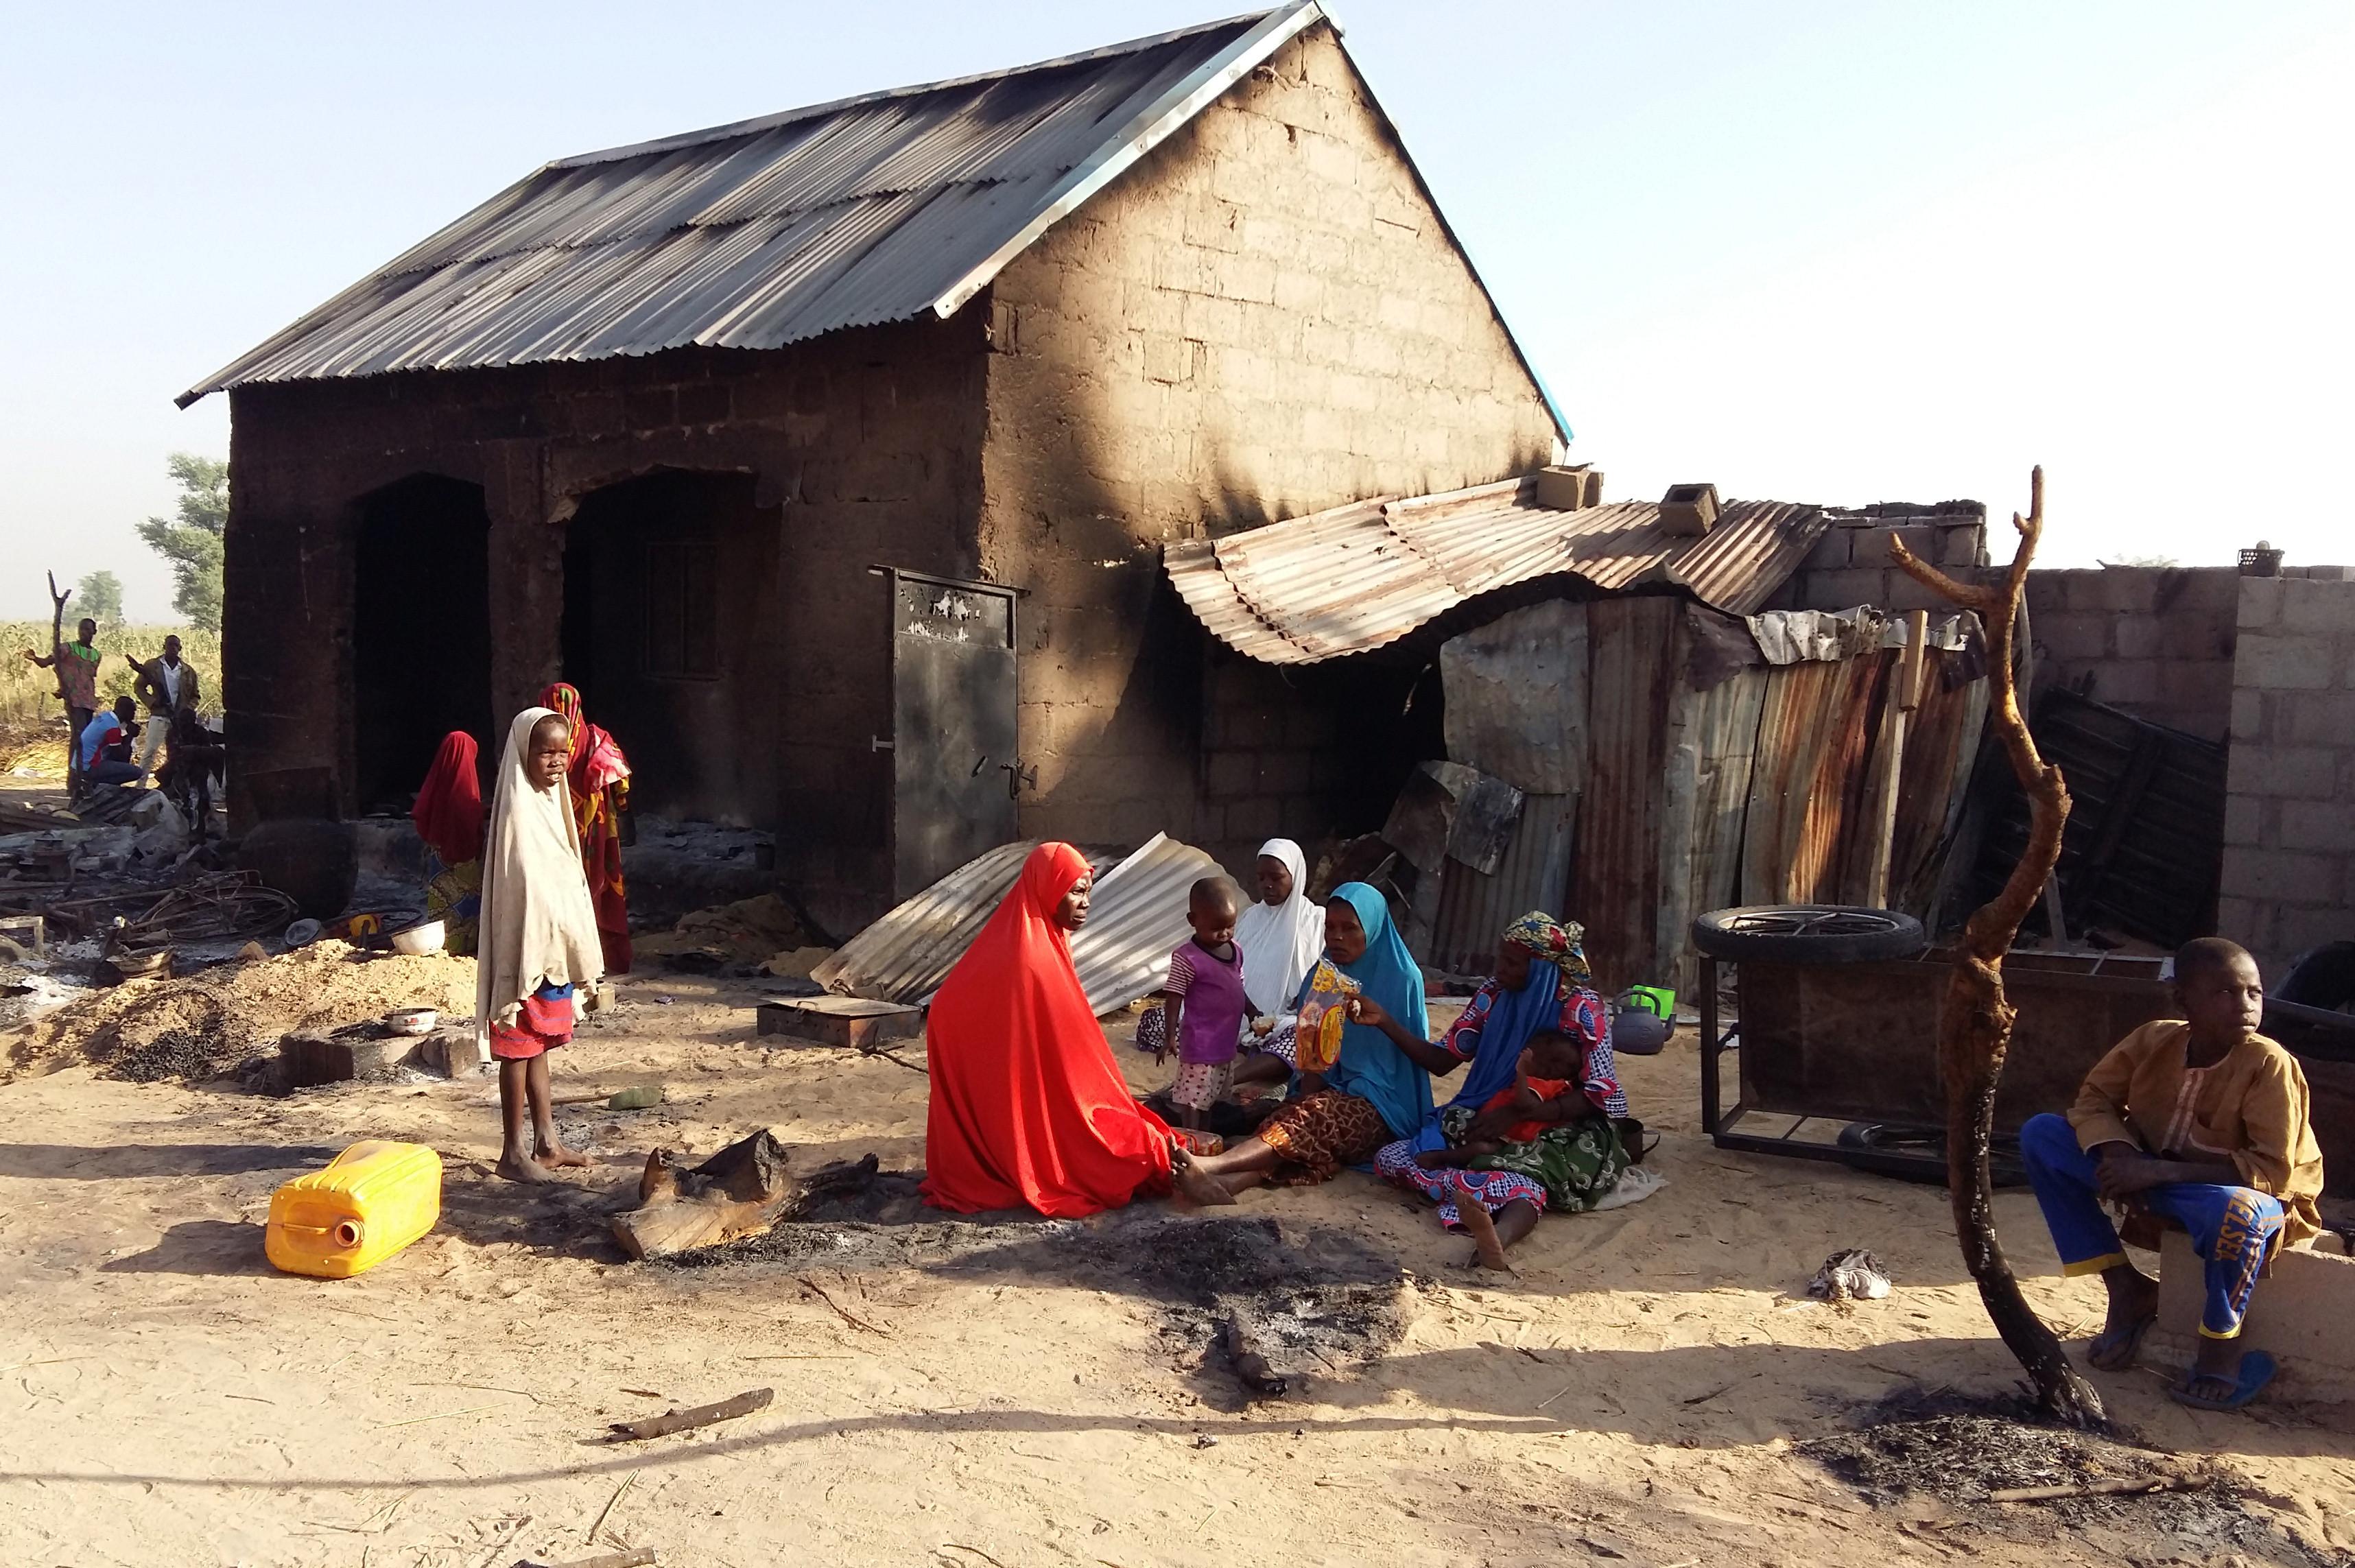 Ataque do Boko Haram no Níger fez vários mortos entre os quais militares